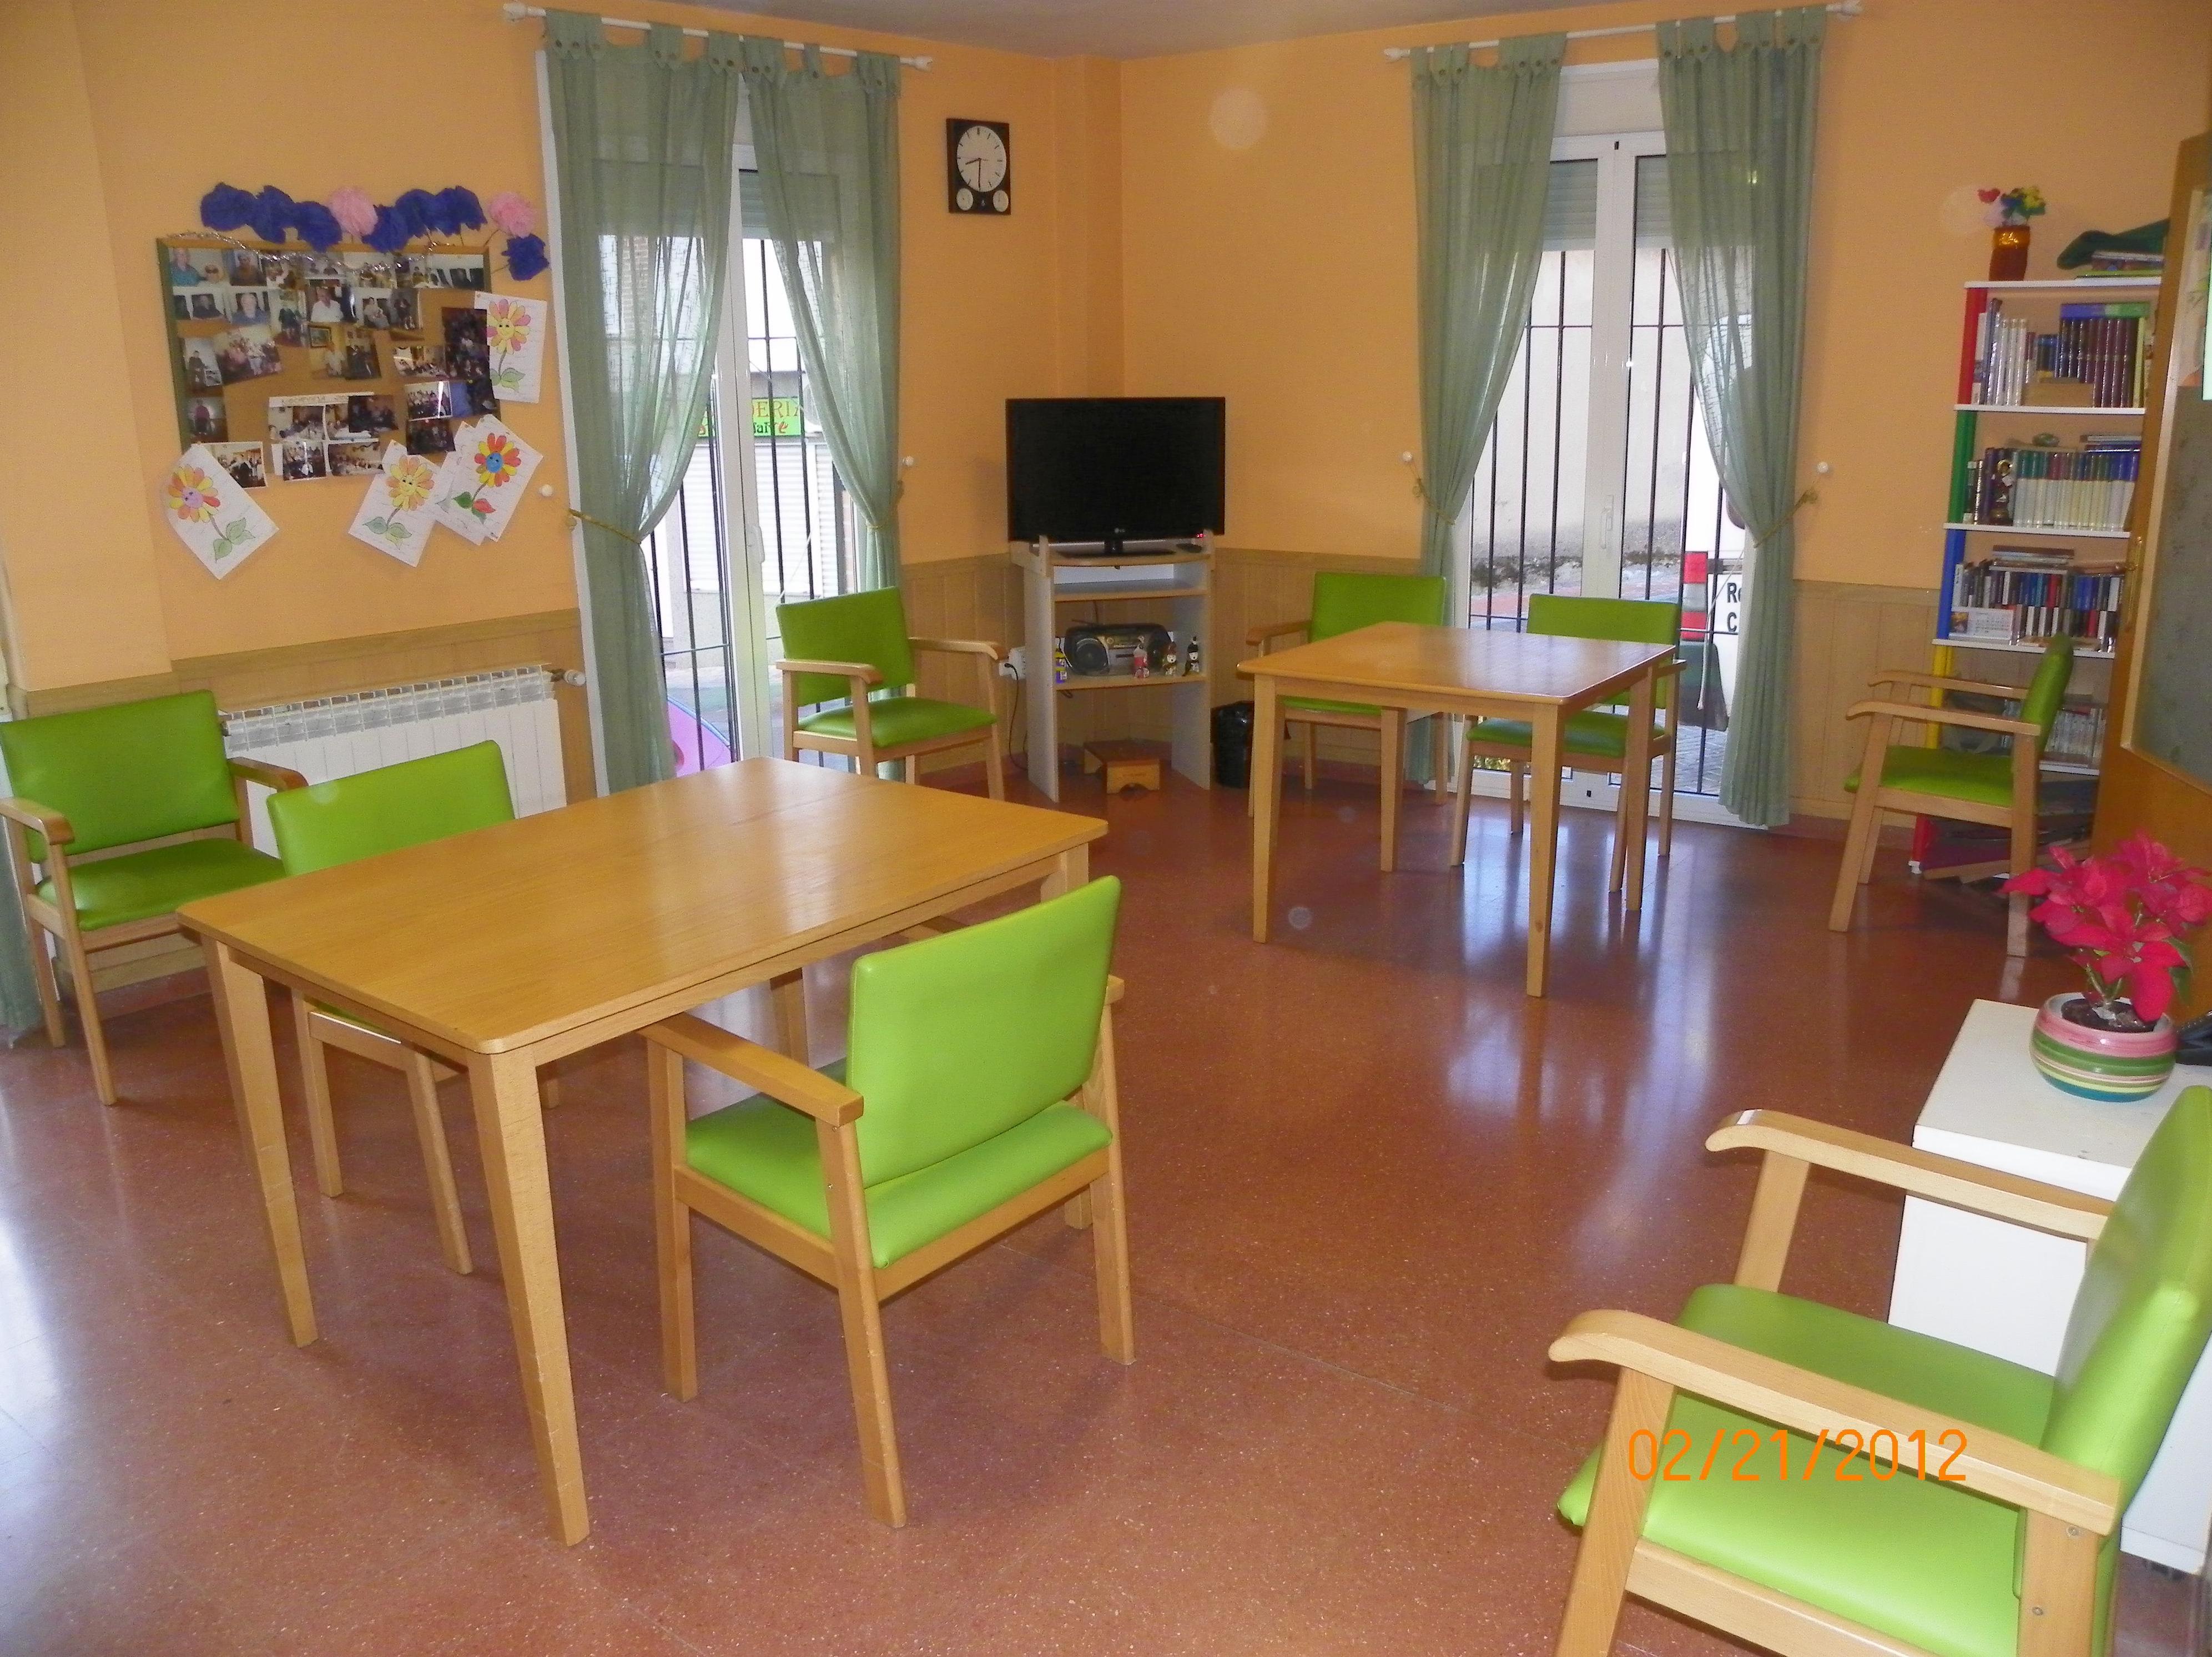 Foto 16 de Residencias geriátricas en Zaratán | Residencia para Personas Mayores Santa Ana